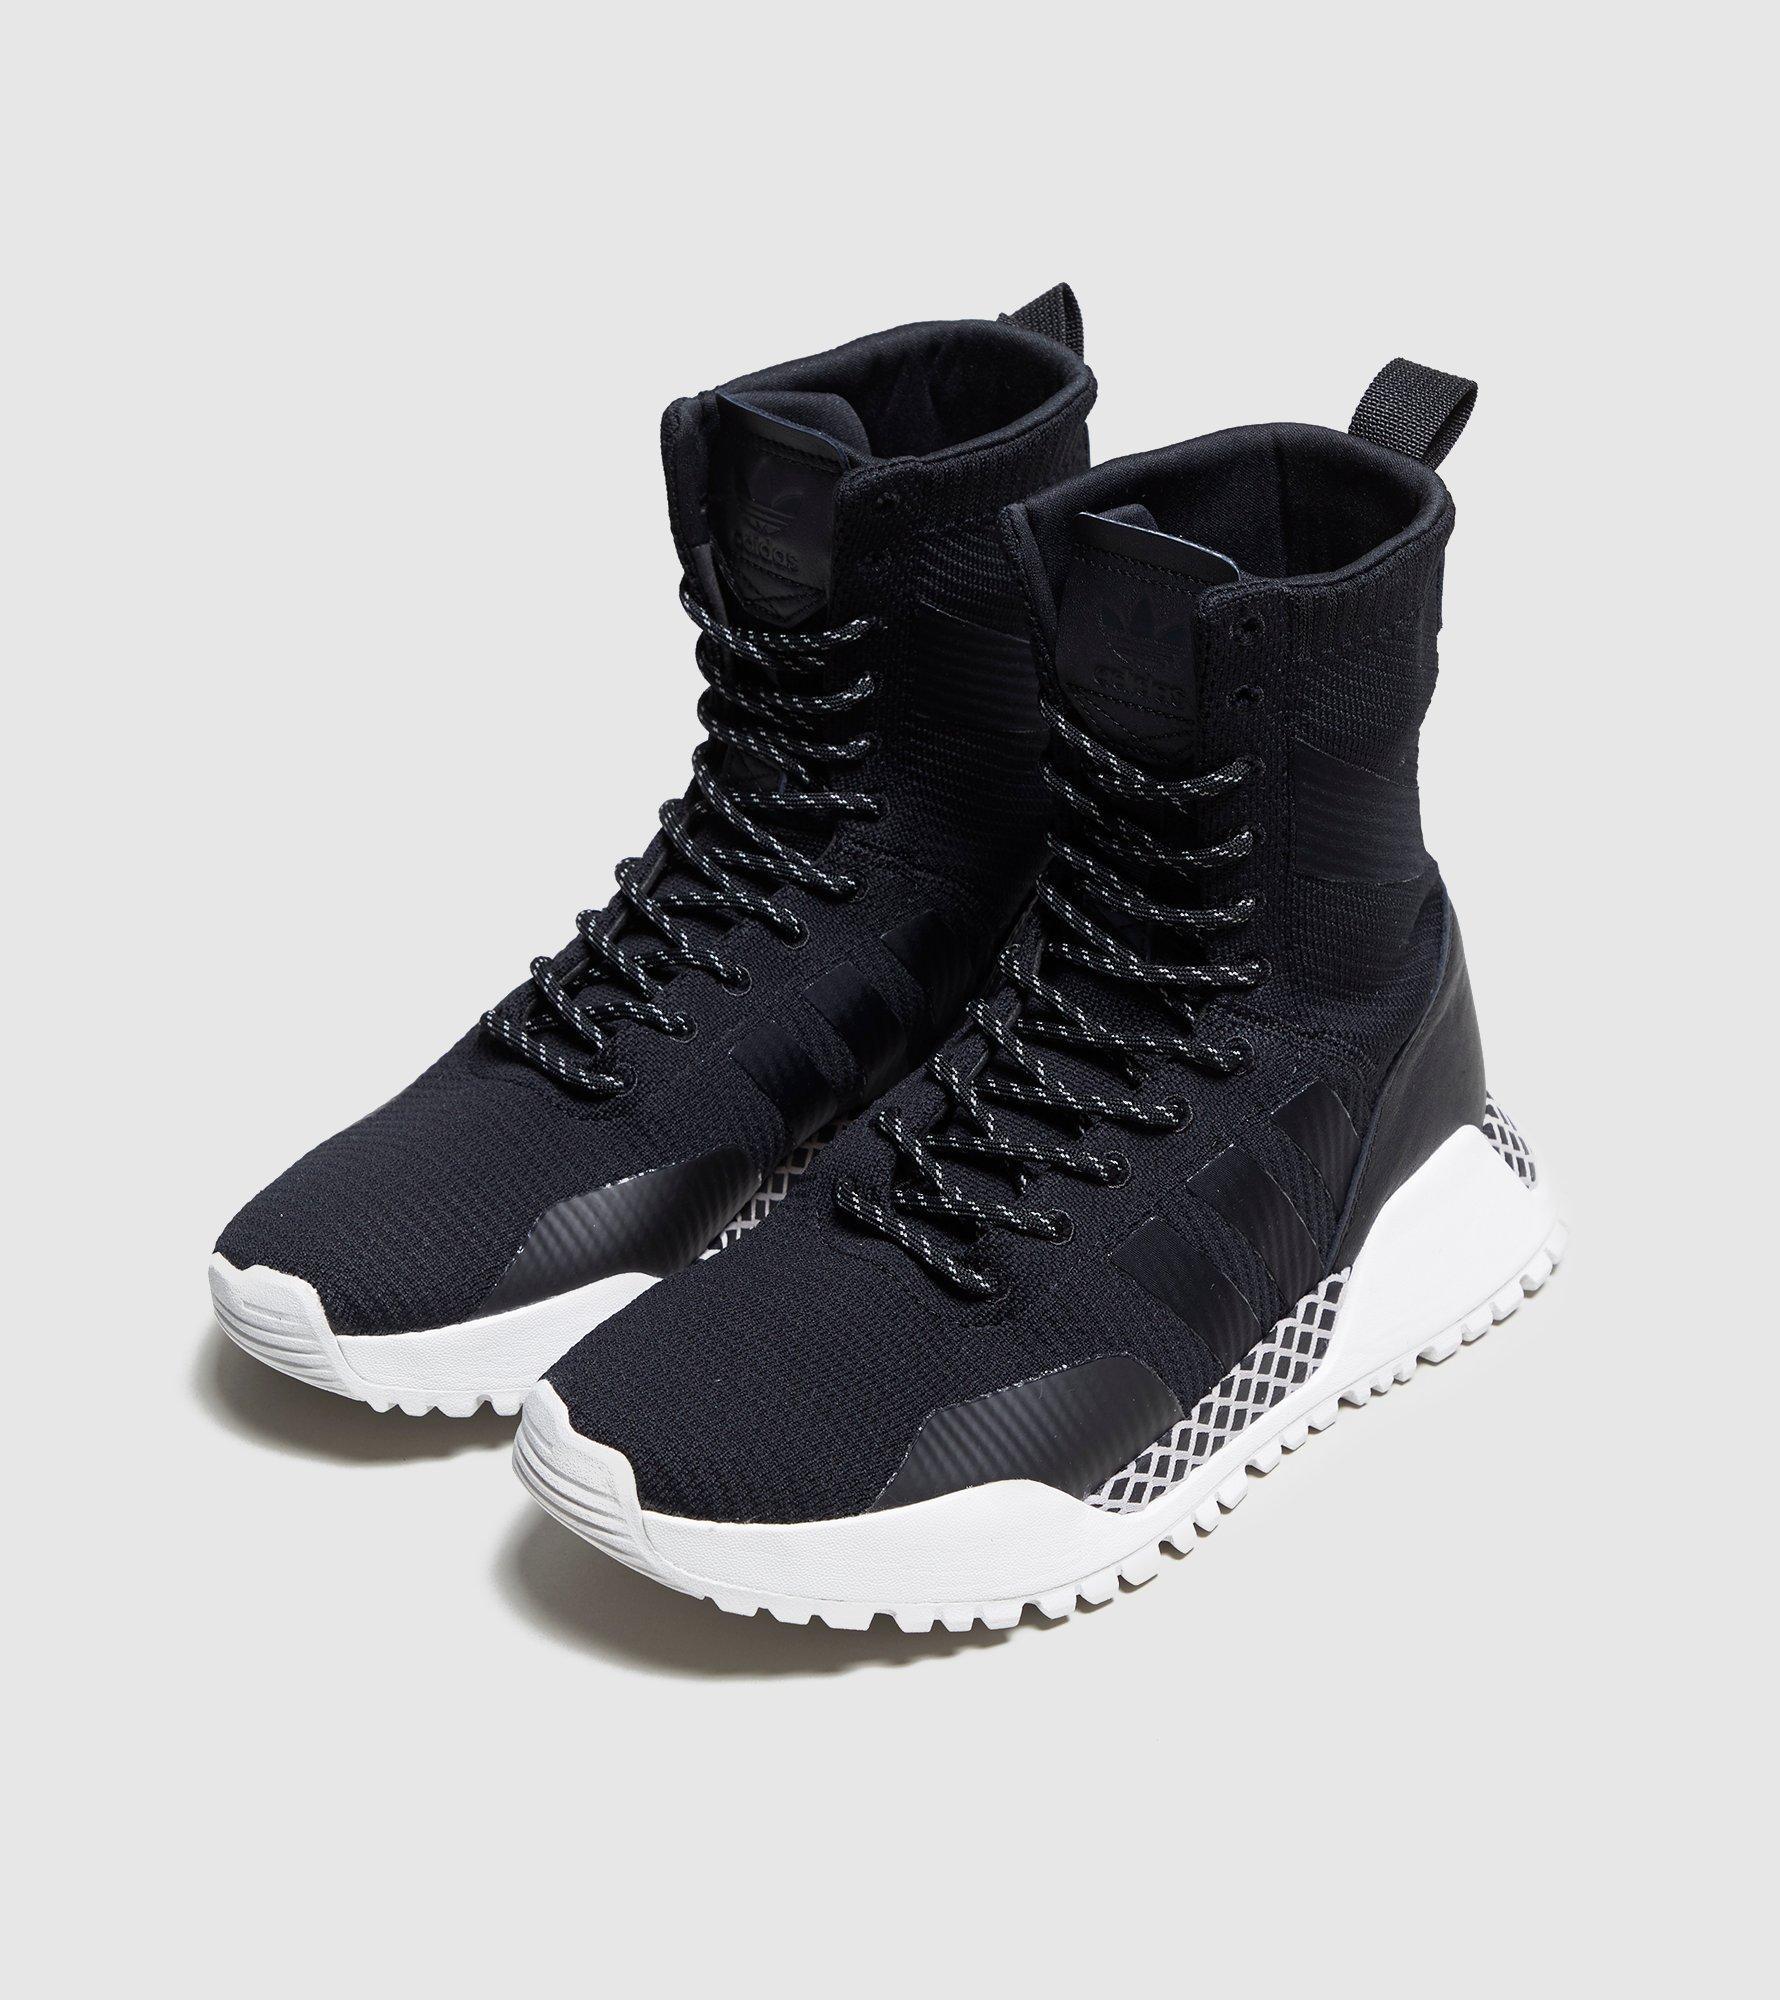 aeb359bdaf91e2 Gallery. Adidas Originals A F 1 3 Primeknit Boot ...